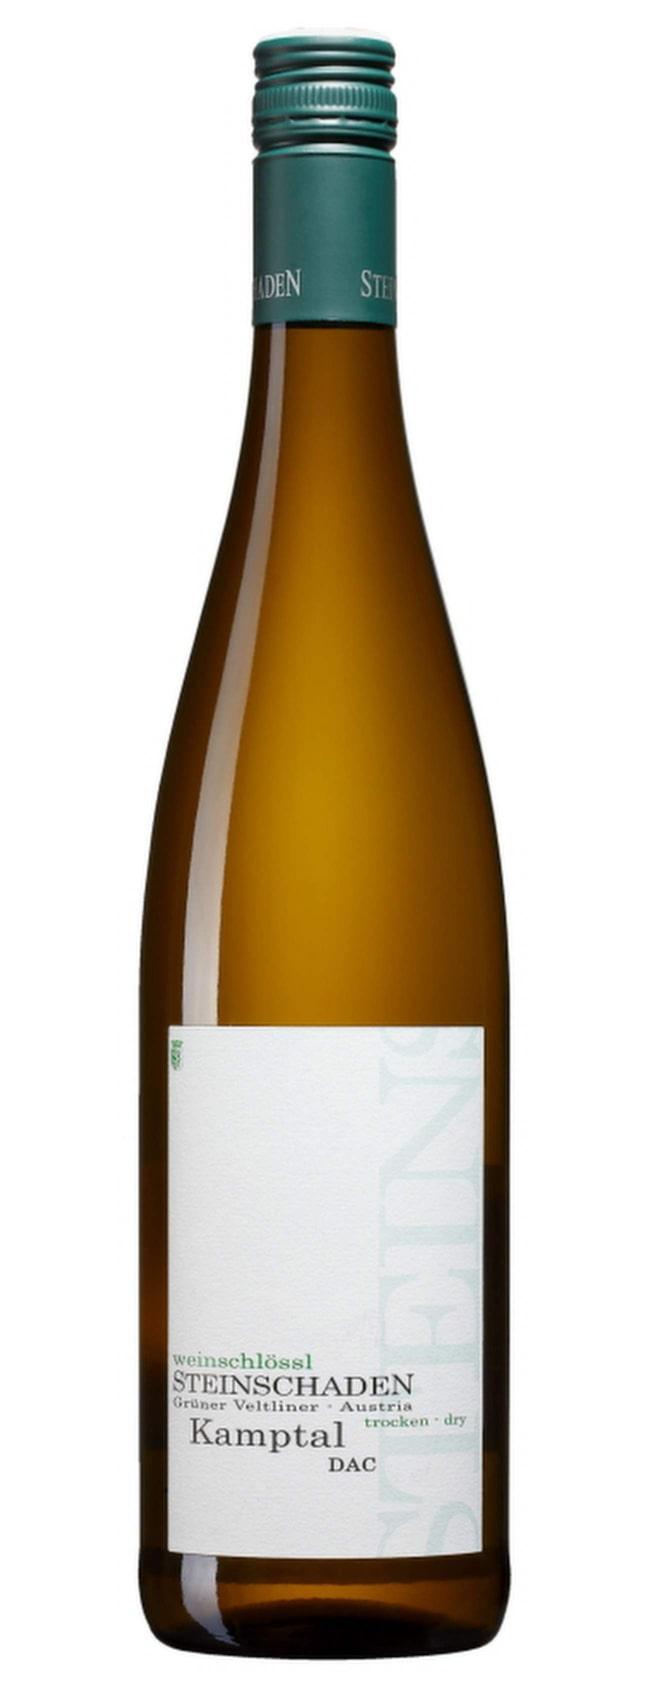 """Vitt<br><strong>Steinschaden Grüner Veltliner 2013</strong><br>(4320) Österrike, 72 kronor<br>Piggt vin med bra driv i smaken. Stråk av av grape, persikor och lätt pepprighet. Gott till laxtartar på stekt vitt bröd.<br><span class=""""wasp-icon""""></span><span class=""""wasp-icon""""></span><span class=""""wasp-icon""""></span><span class=""""wasp-icon""""></span><span class=""""wasp-icon""""></span>"""